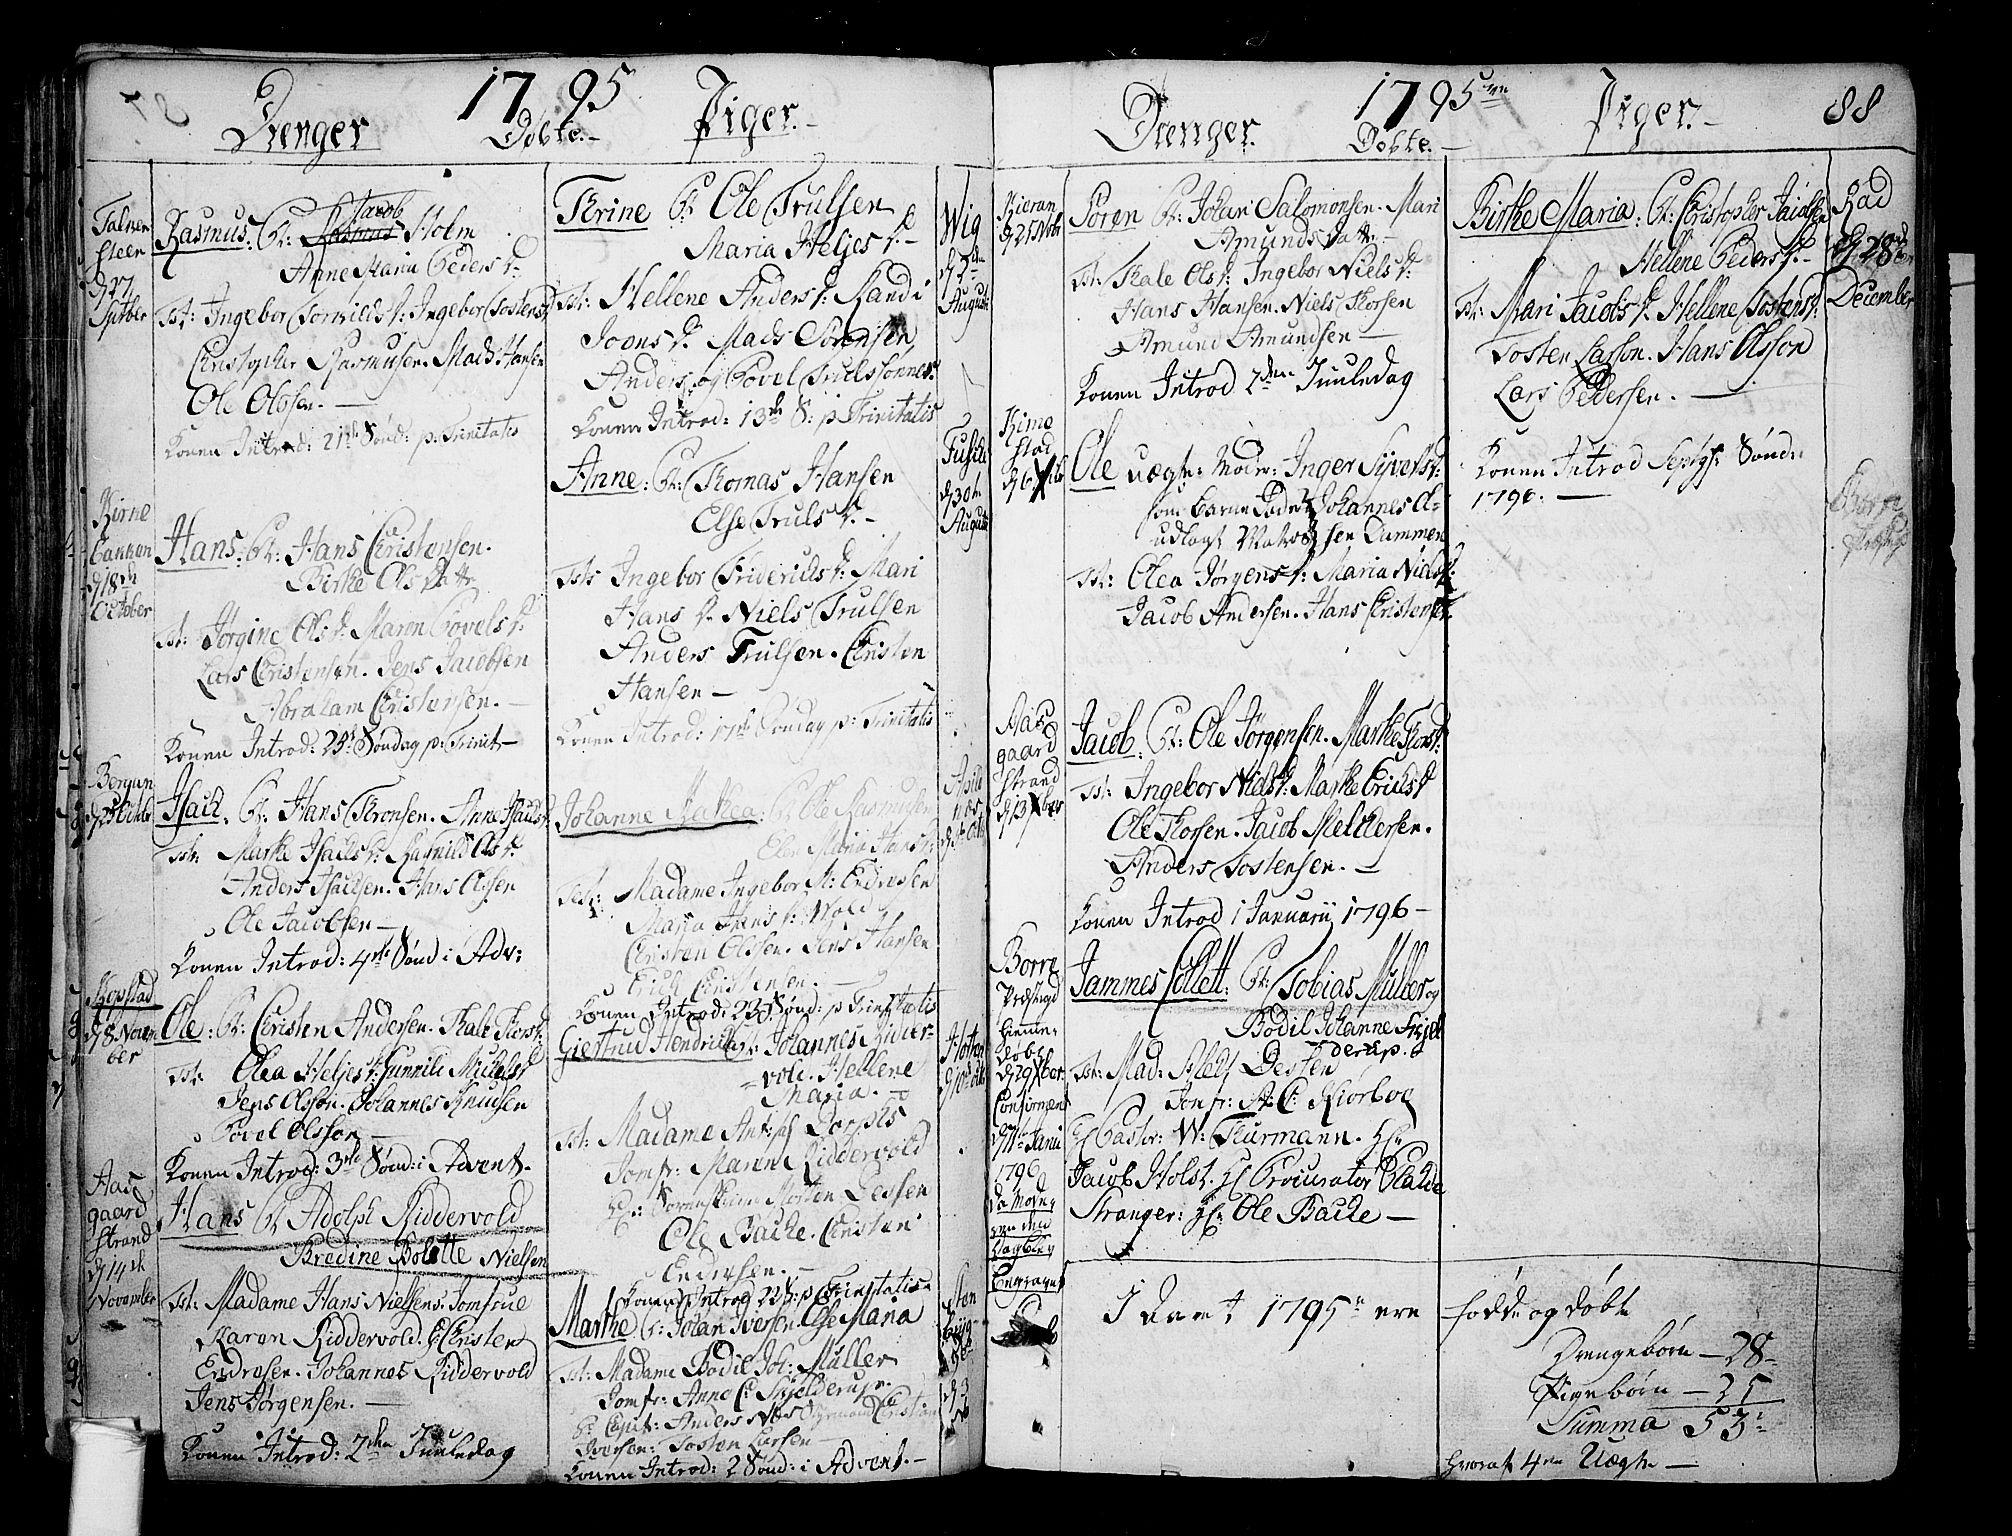 SAKO, Borre kirkebøker, F/Fa/L0002: Ministerialbok nr. I 2, 1752-1806, s. 88